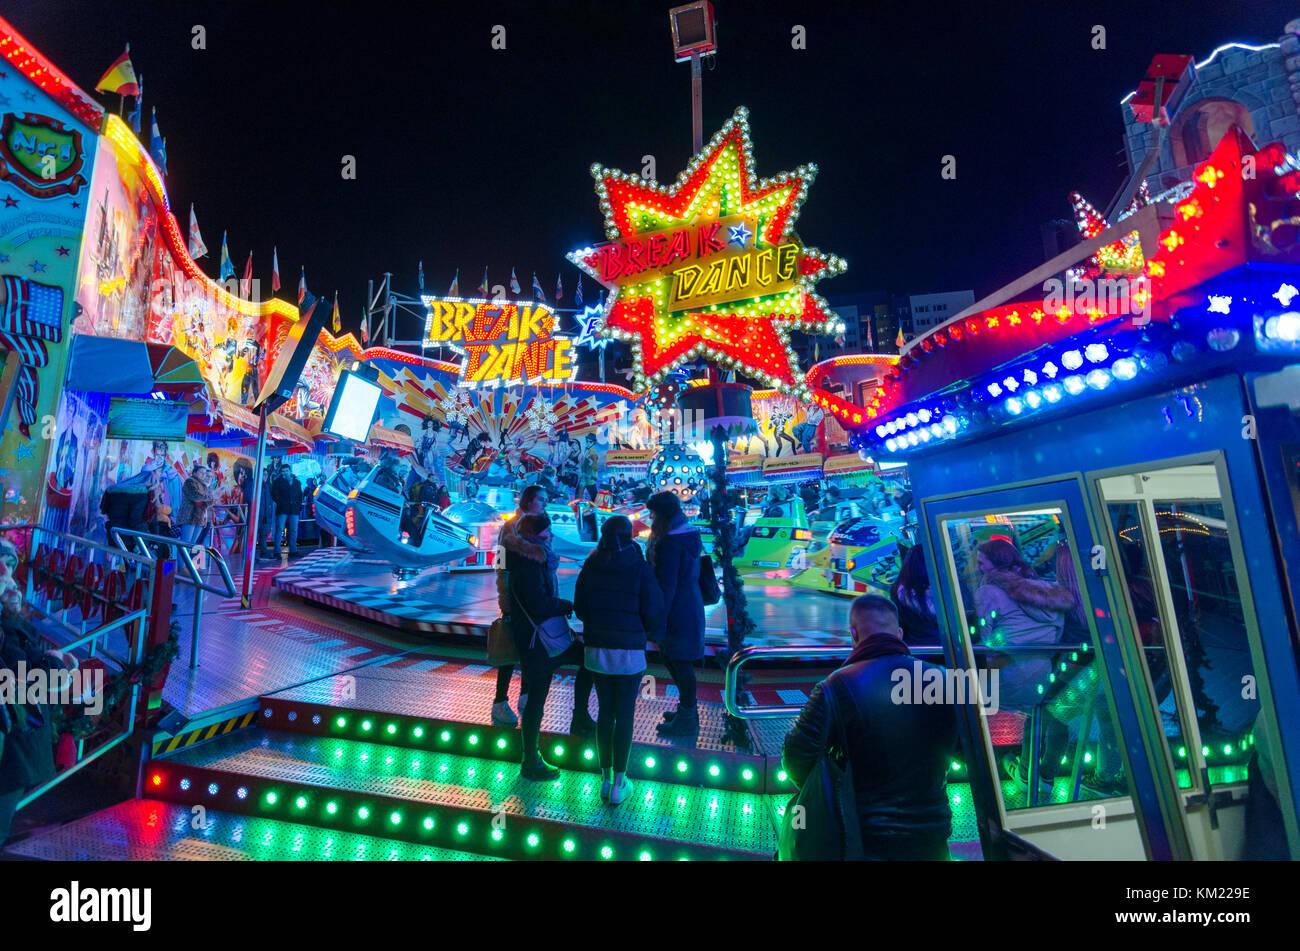 Größter Weihnachtsmarkt Berlin.Fahrten An Wintertraum Am Alexa Berlins Größte Jährliche Messe Und